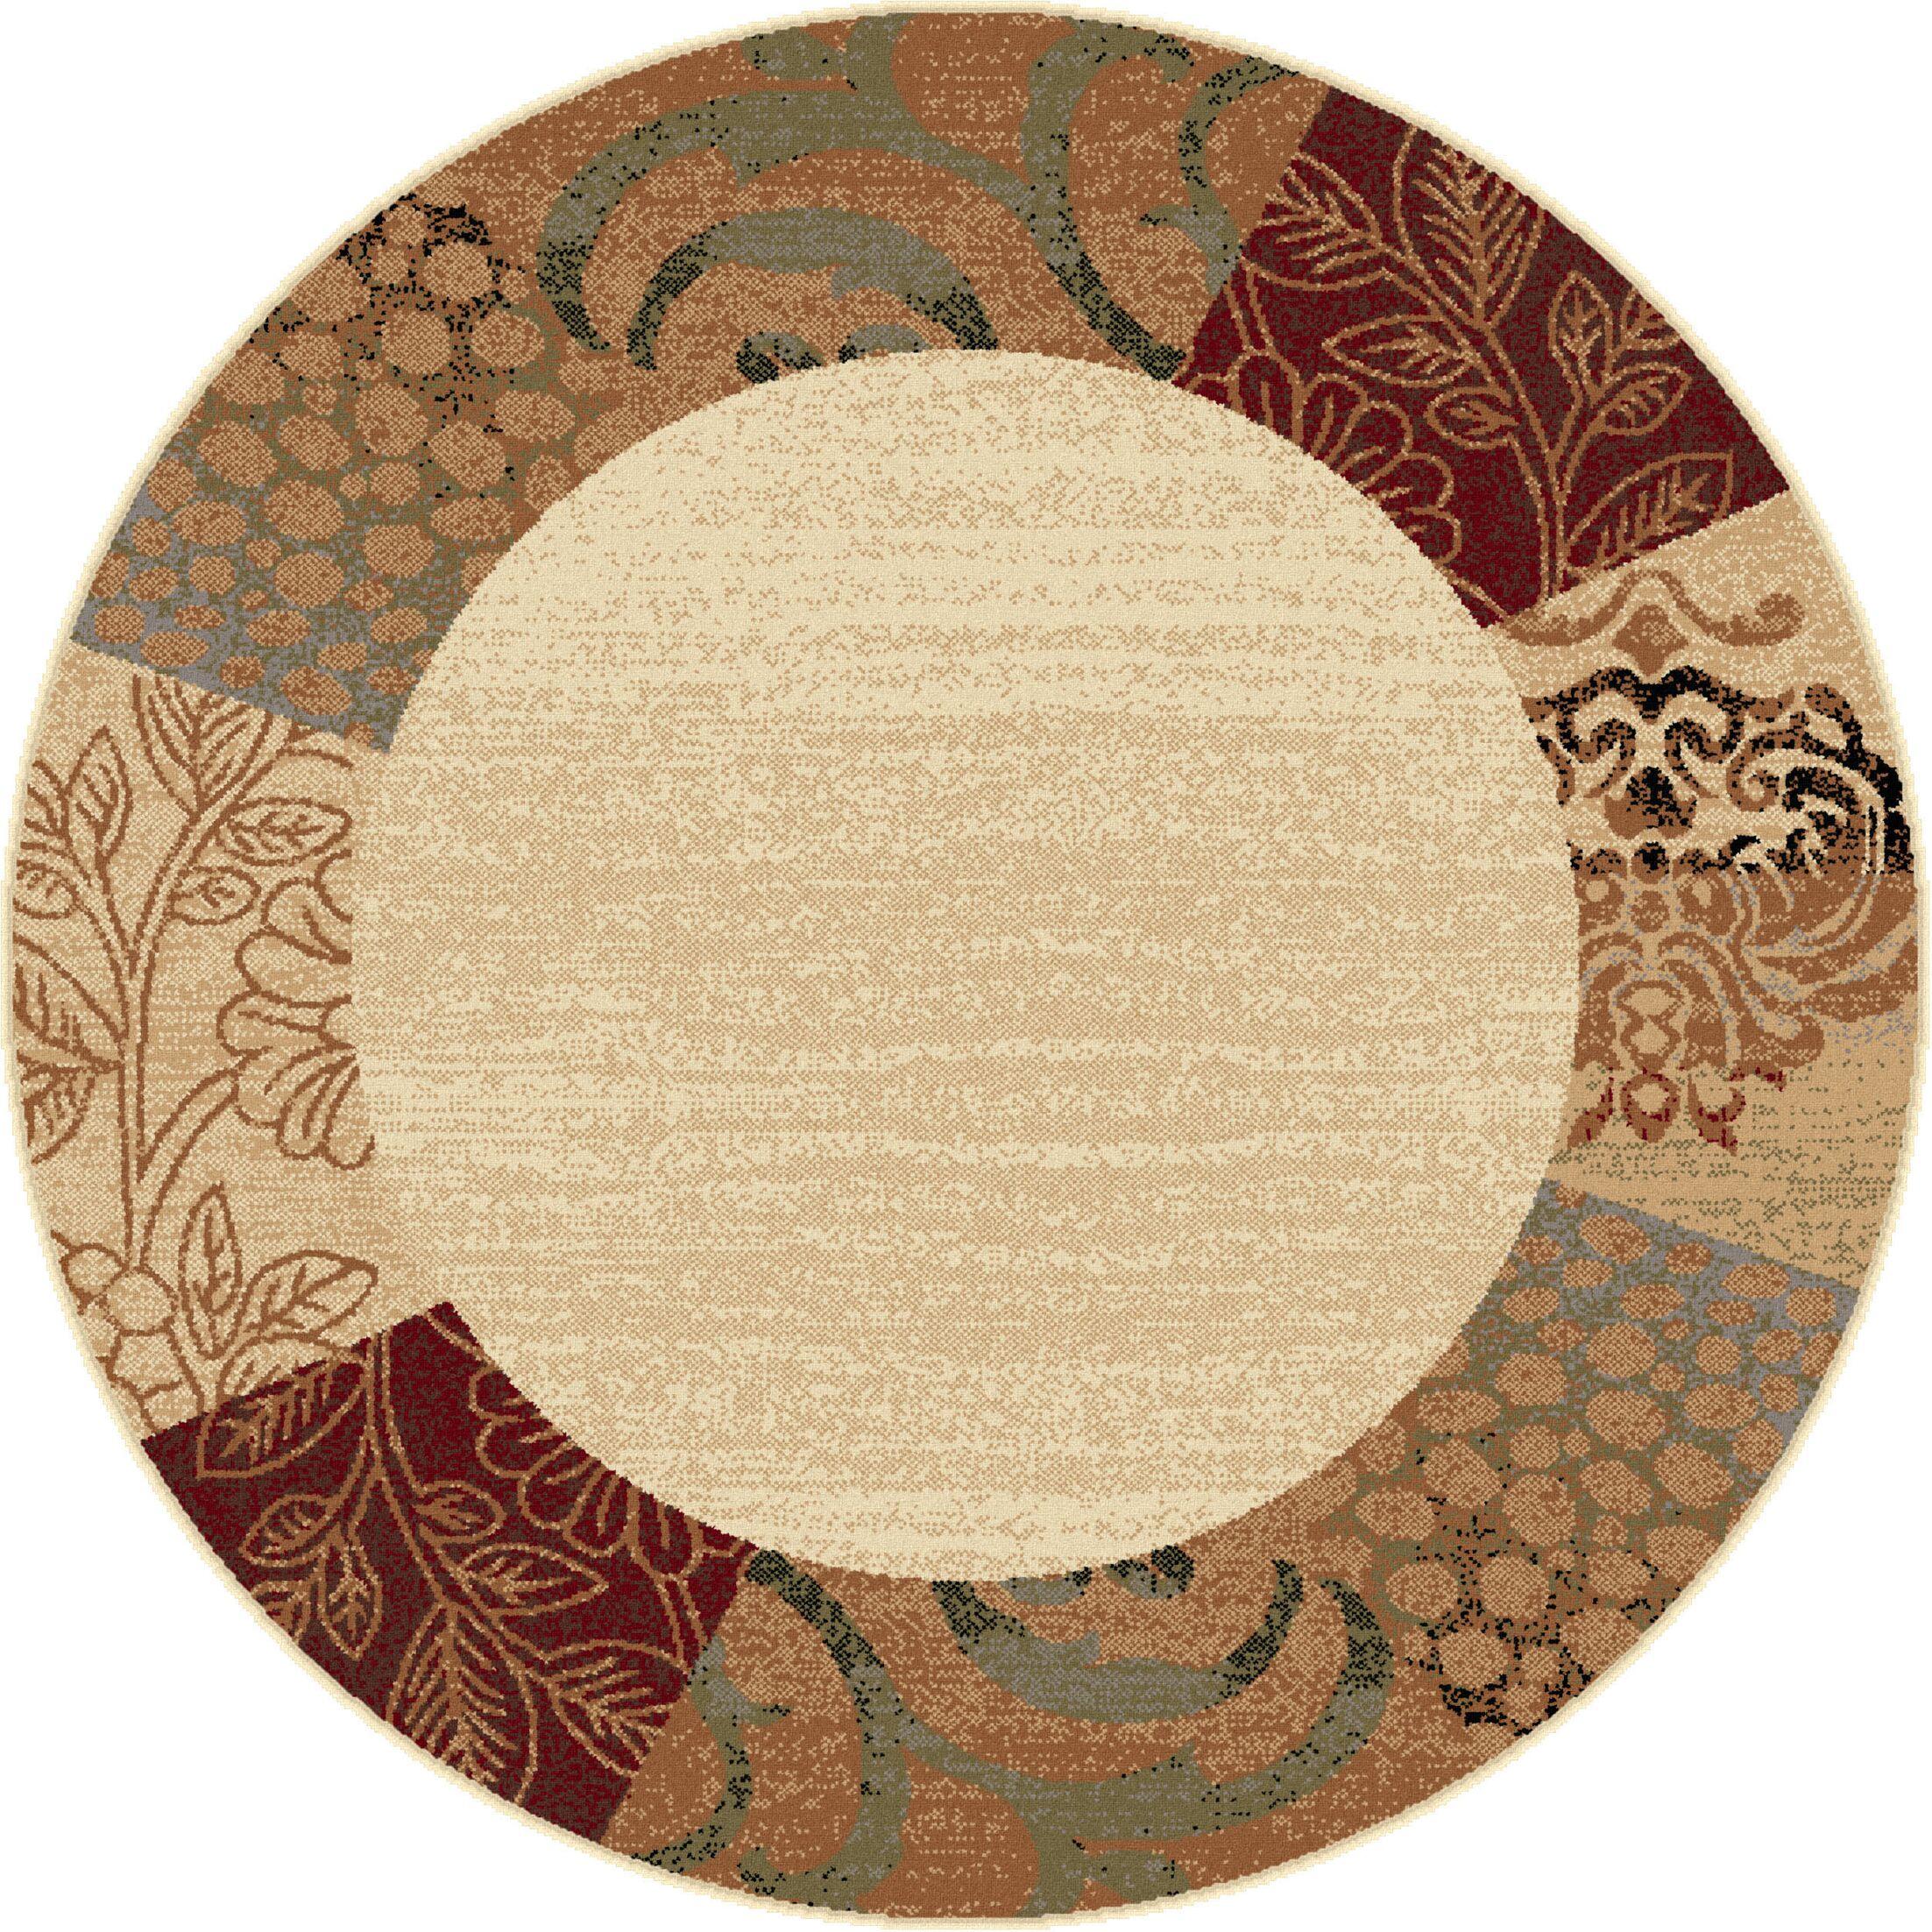 Wilcox Beige Floral Area Rug Rug Size: 5'3'' Round